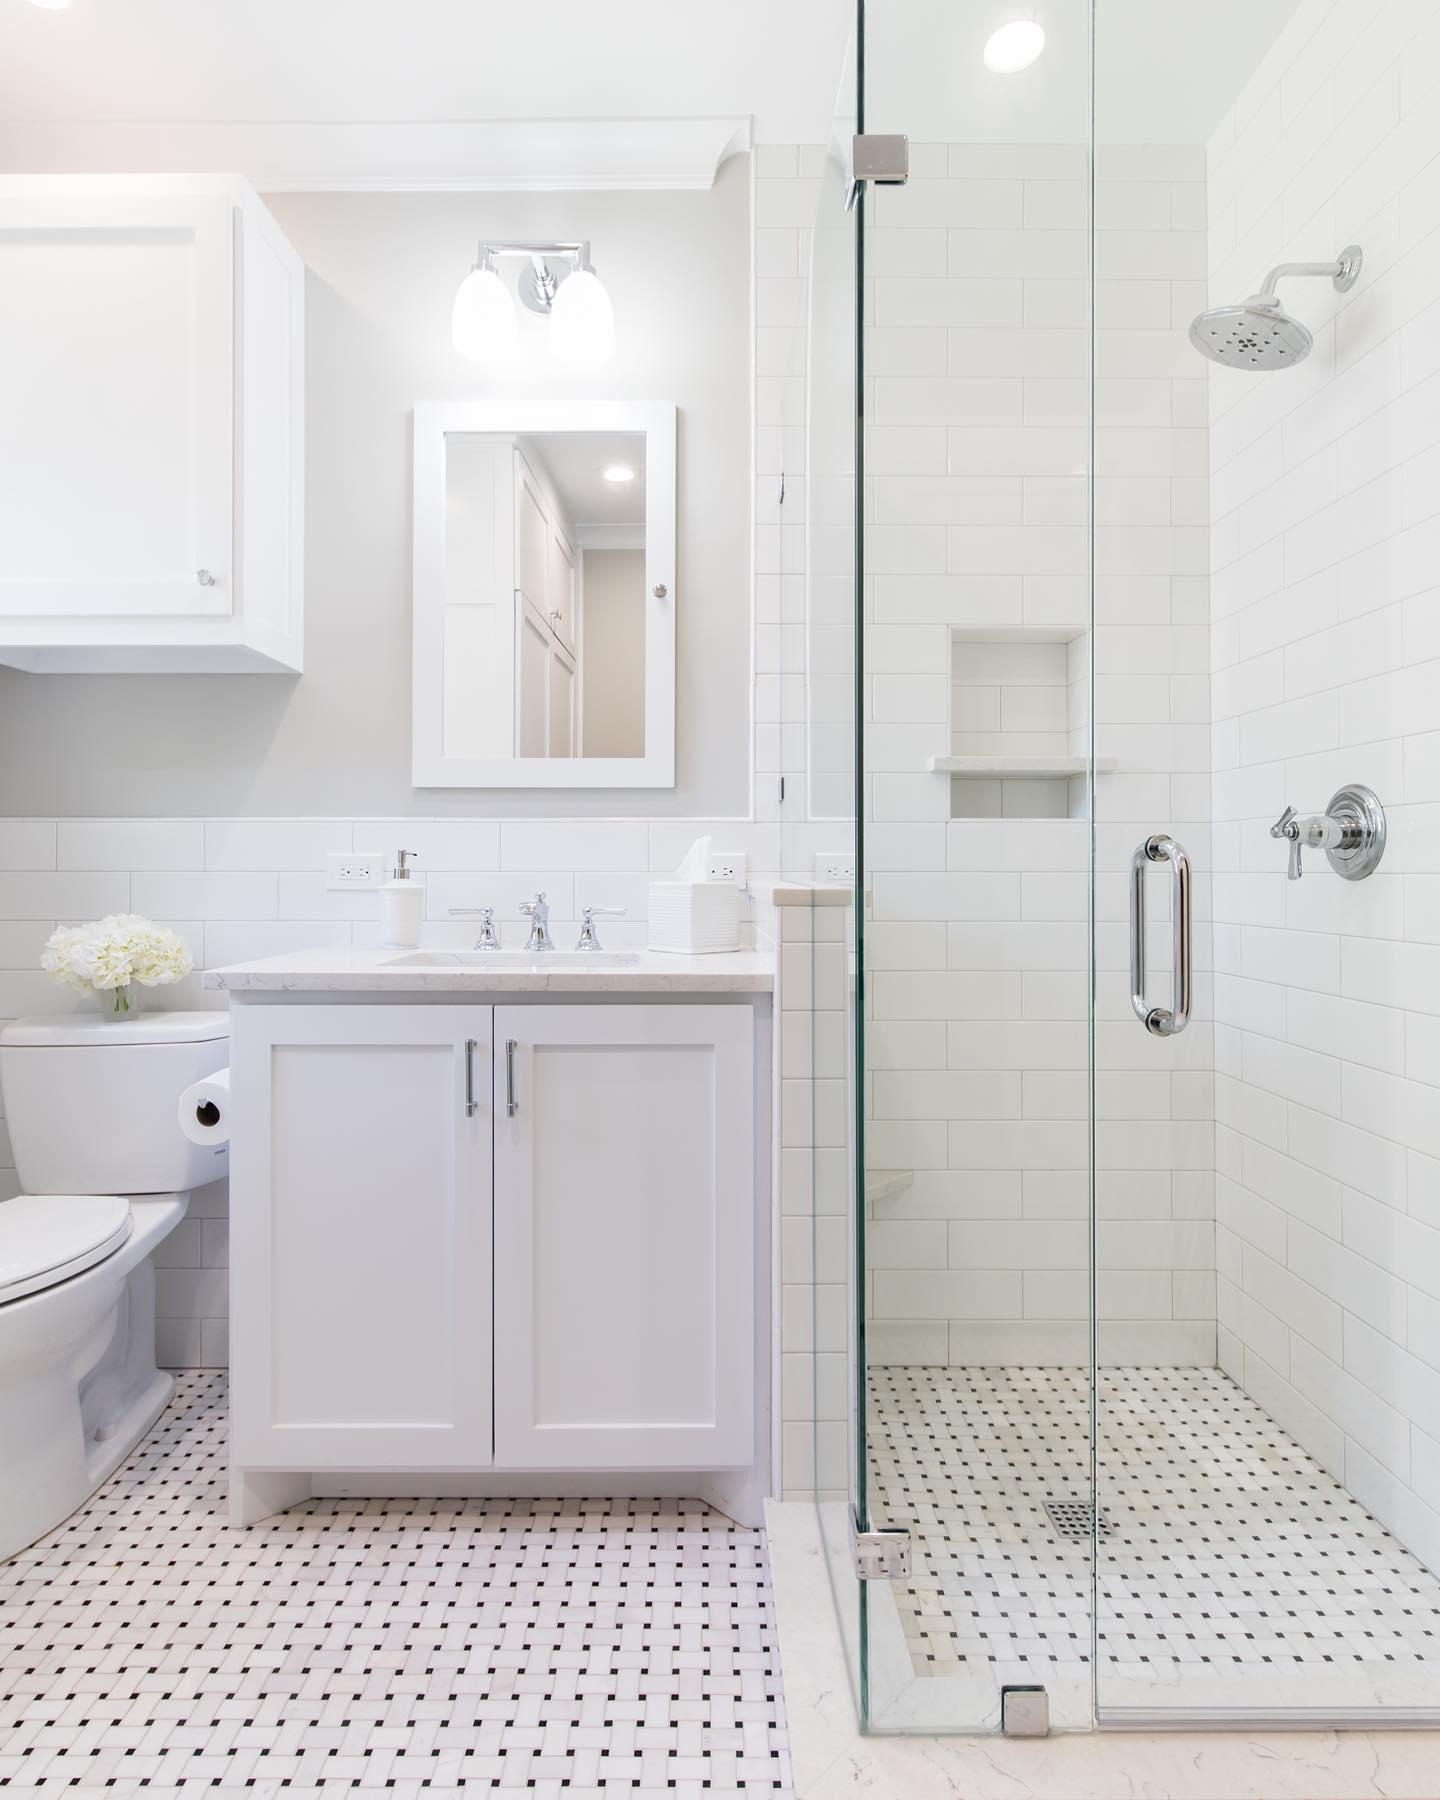 Bathroom Remodeling in Reseda, CA